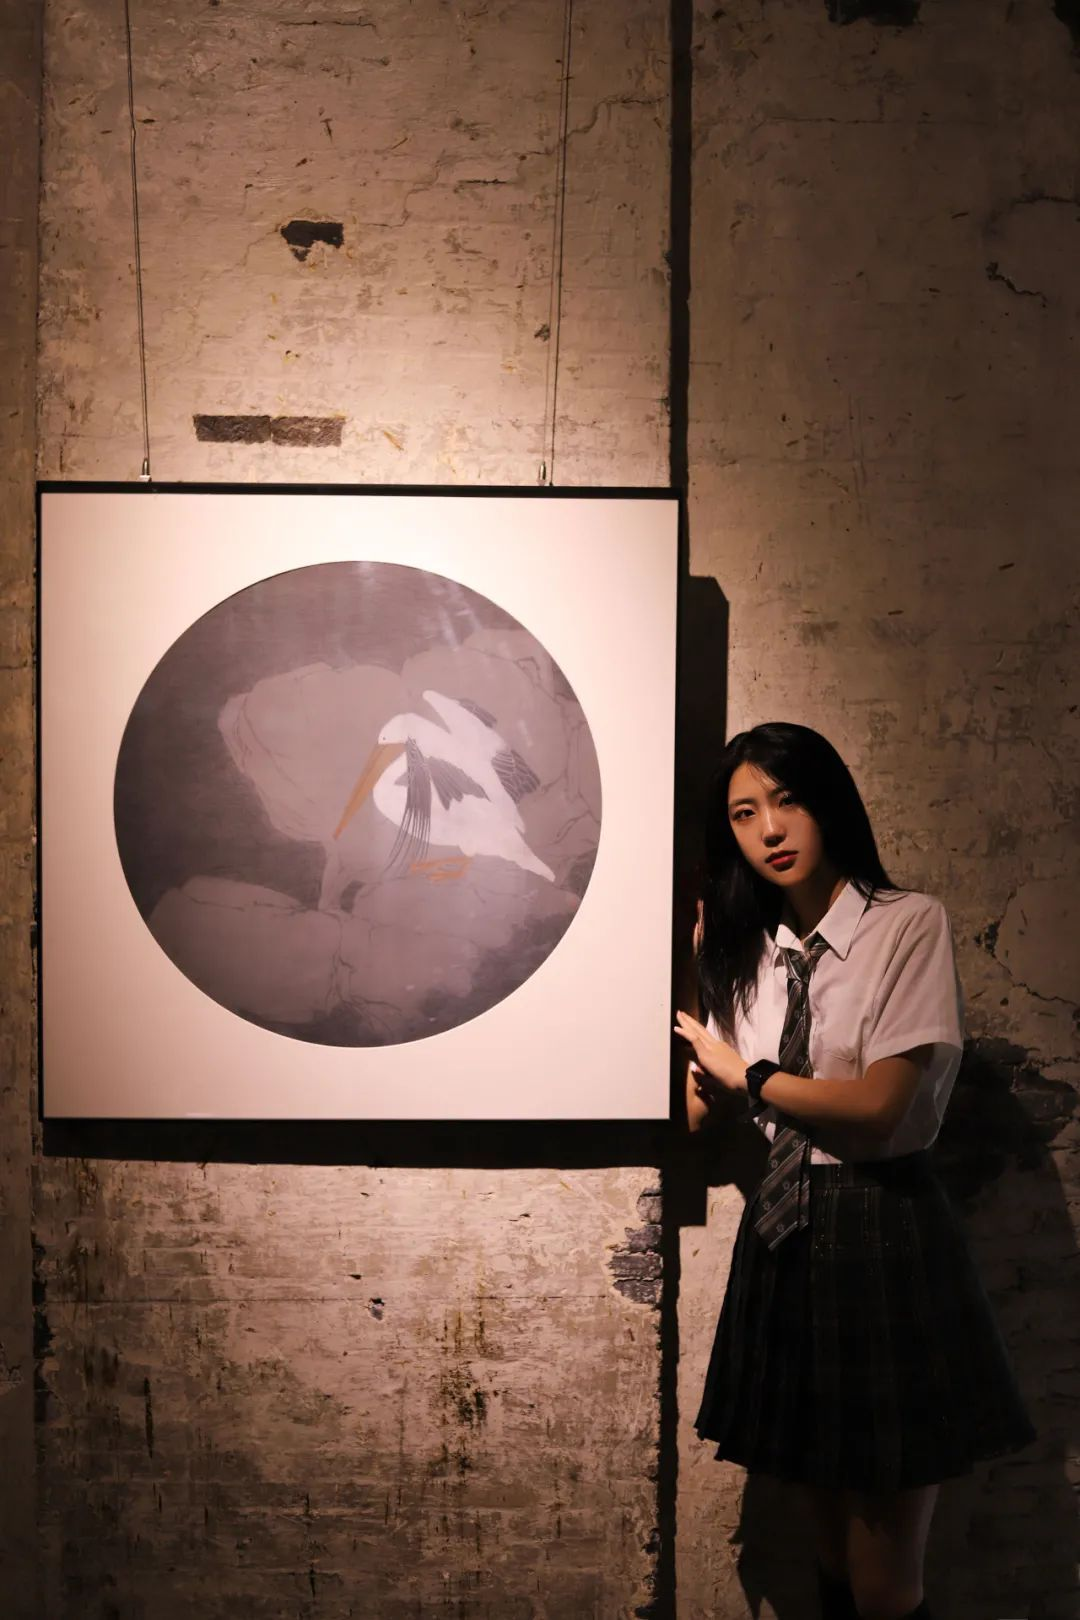 妹子摄影 – JK制服高颜值学姐 黑丝绝对领域_图片 No.4